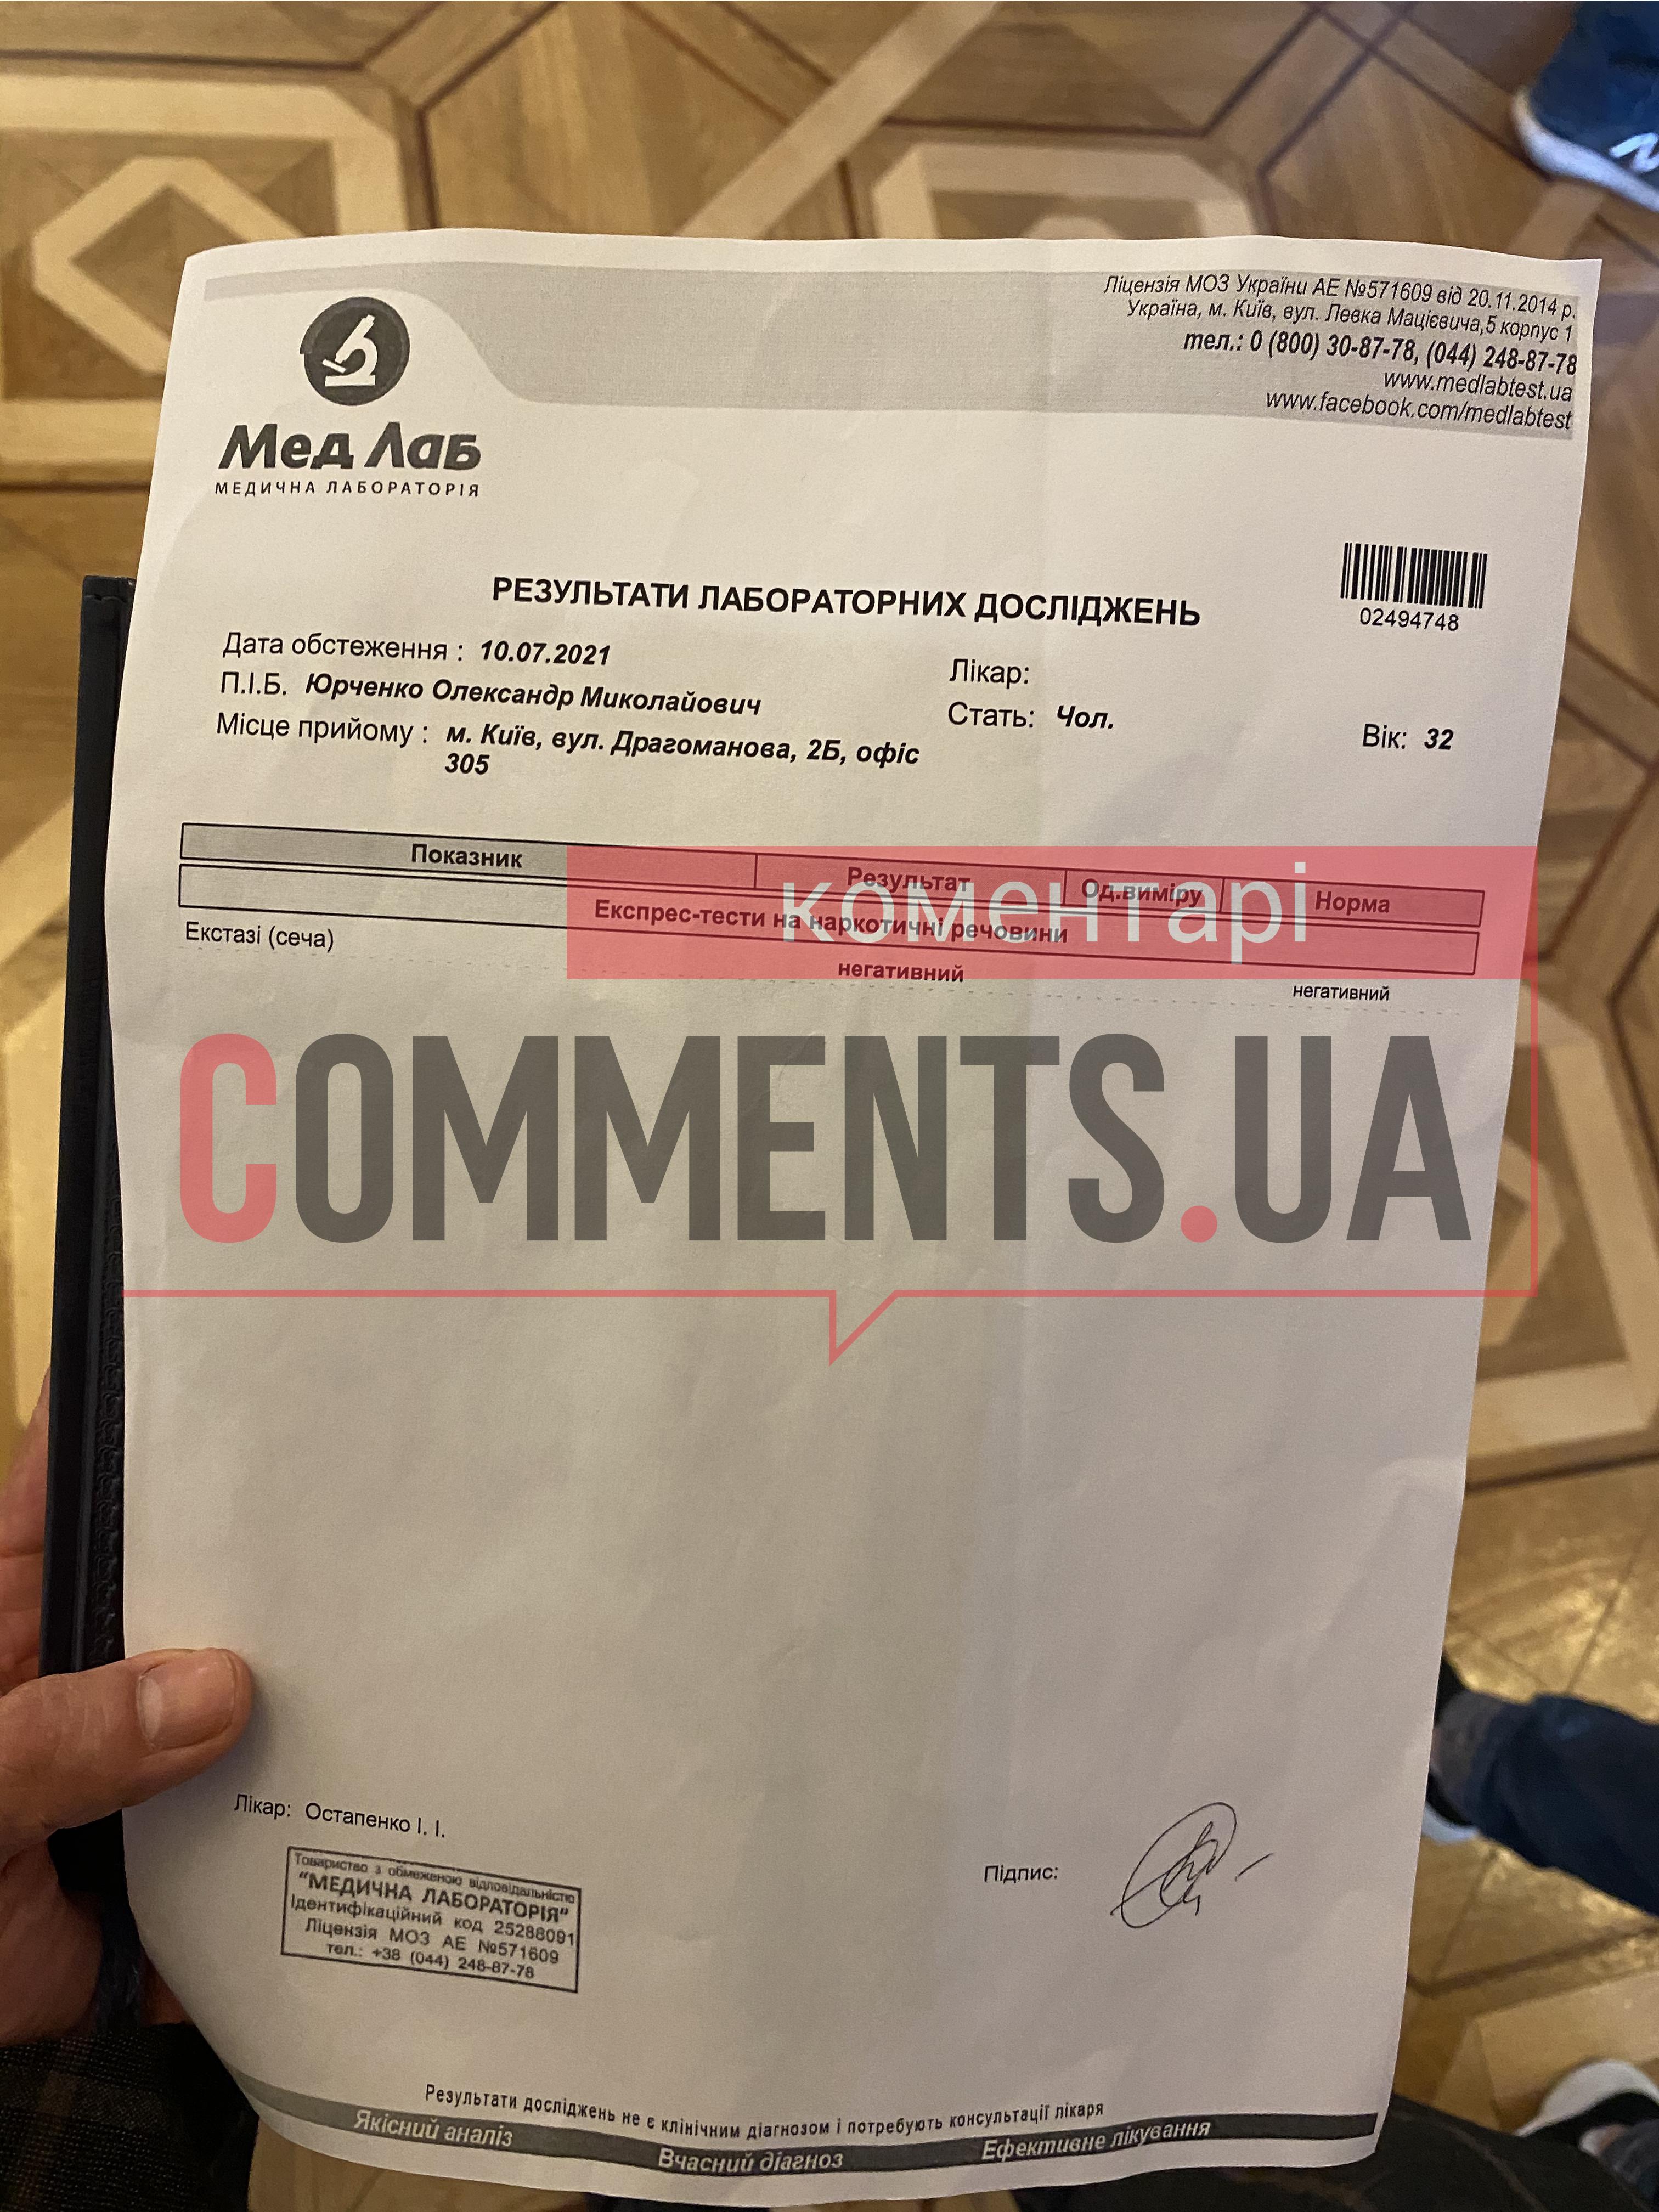 Скандальное ДТП во Львове: сдаст ли мандат нардеп Юрченко из-за теста на наркотики (ФОТО) - фото 5